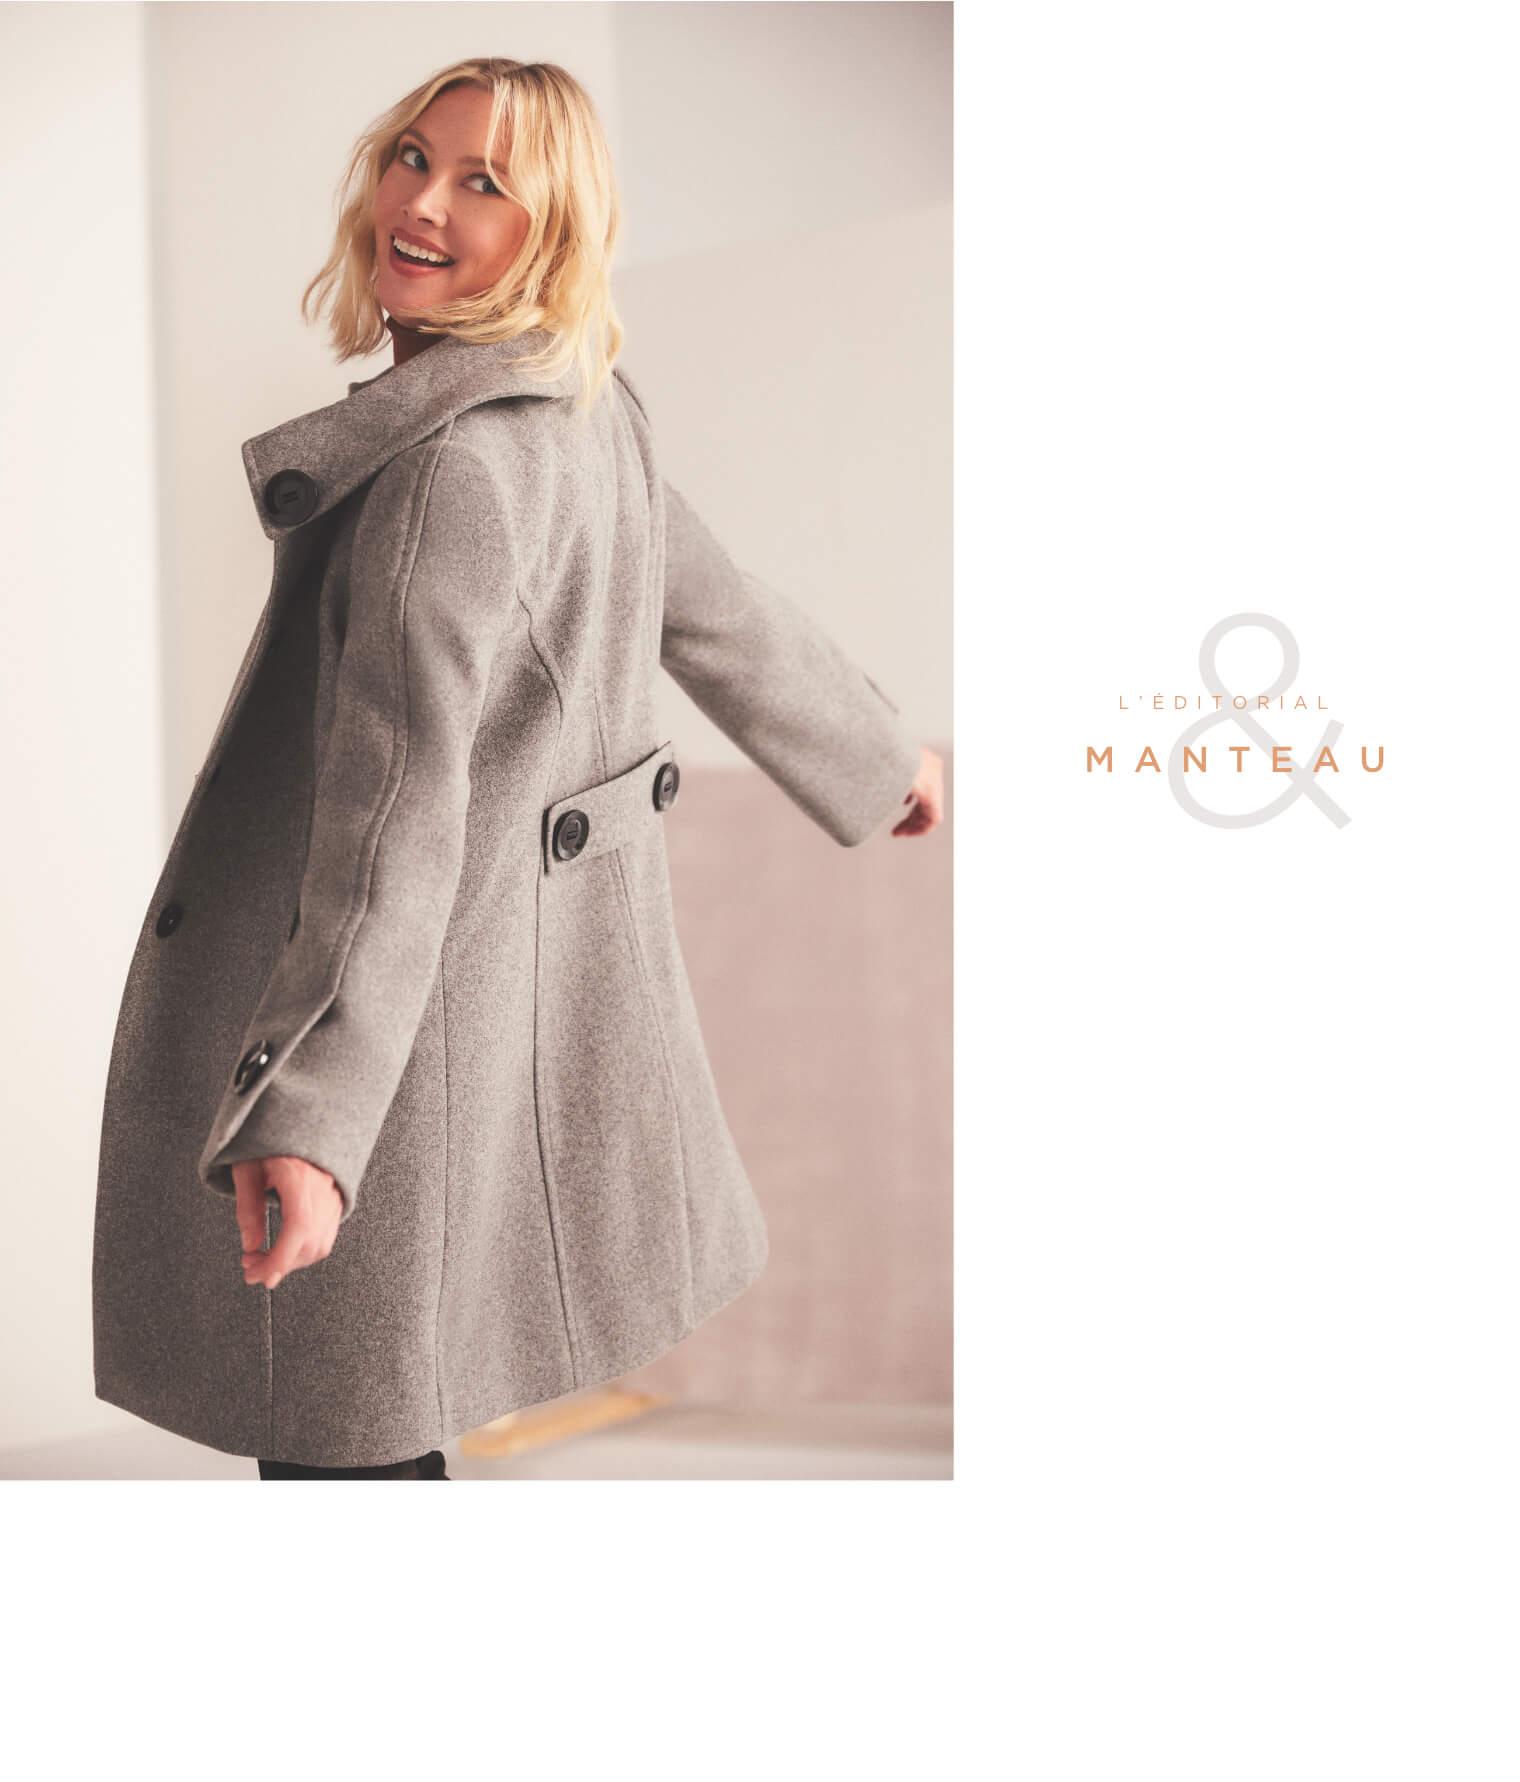 Manteau aspect laine à gros boutons